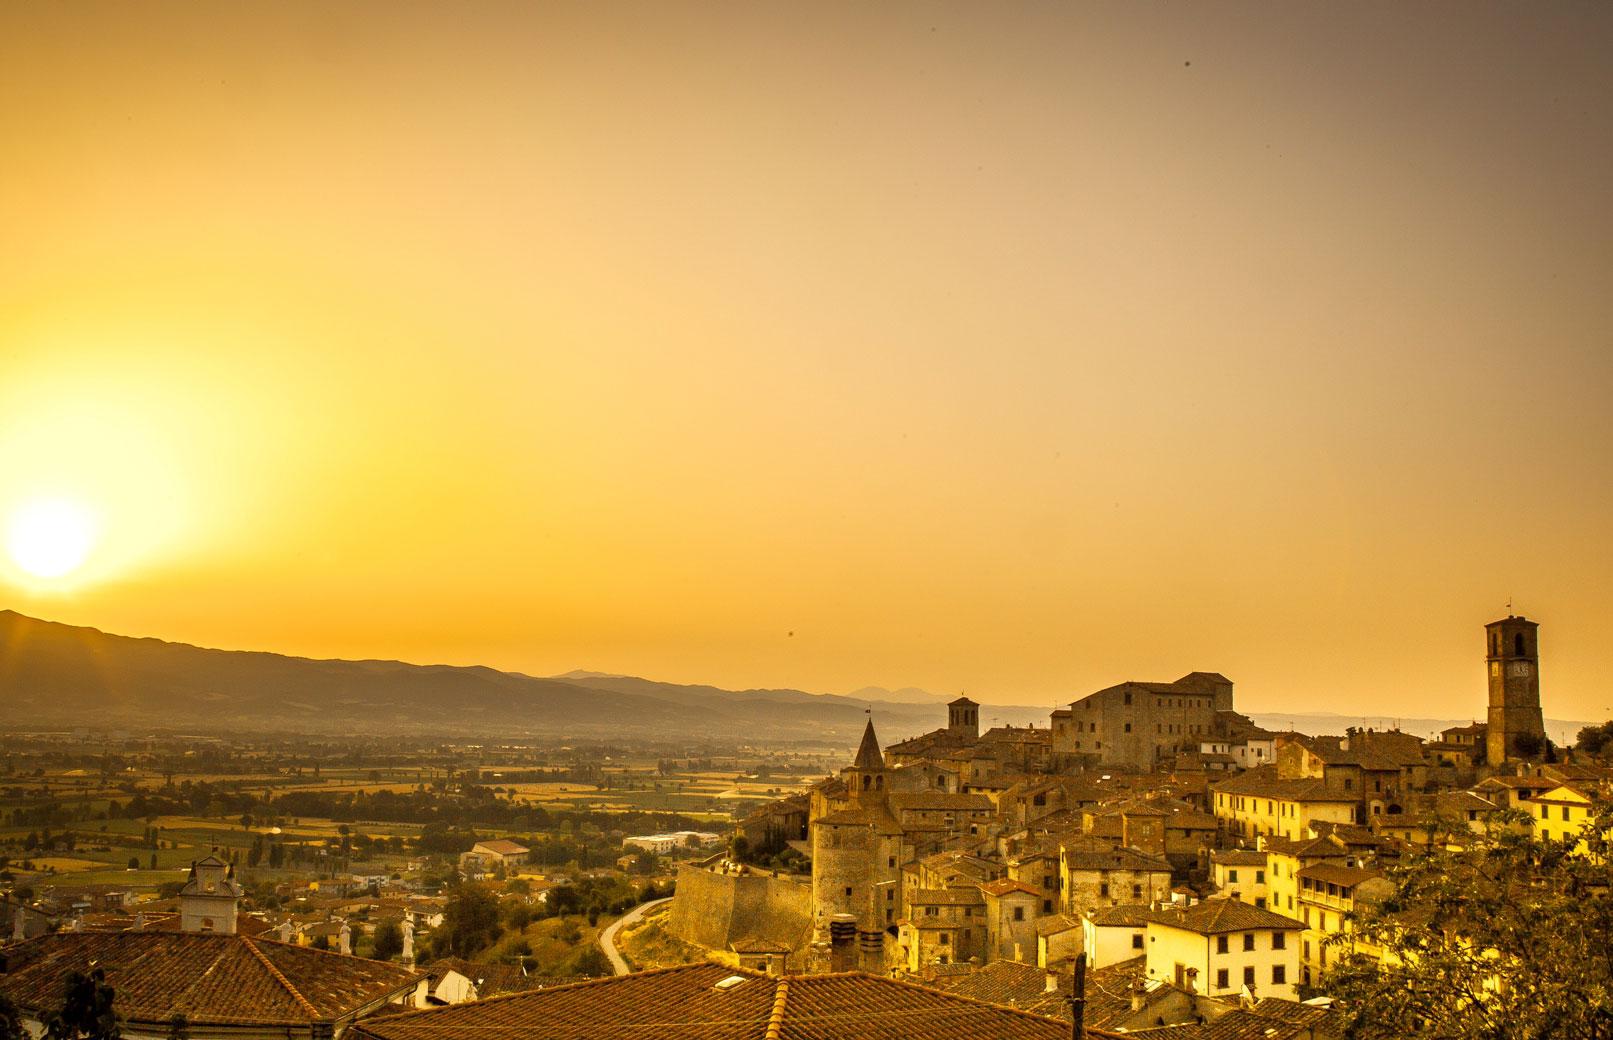 Anghiari - Anghiari, le strade e la Battaglia di Leonardo Da Vinci - Toscana Ovunque Bella